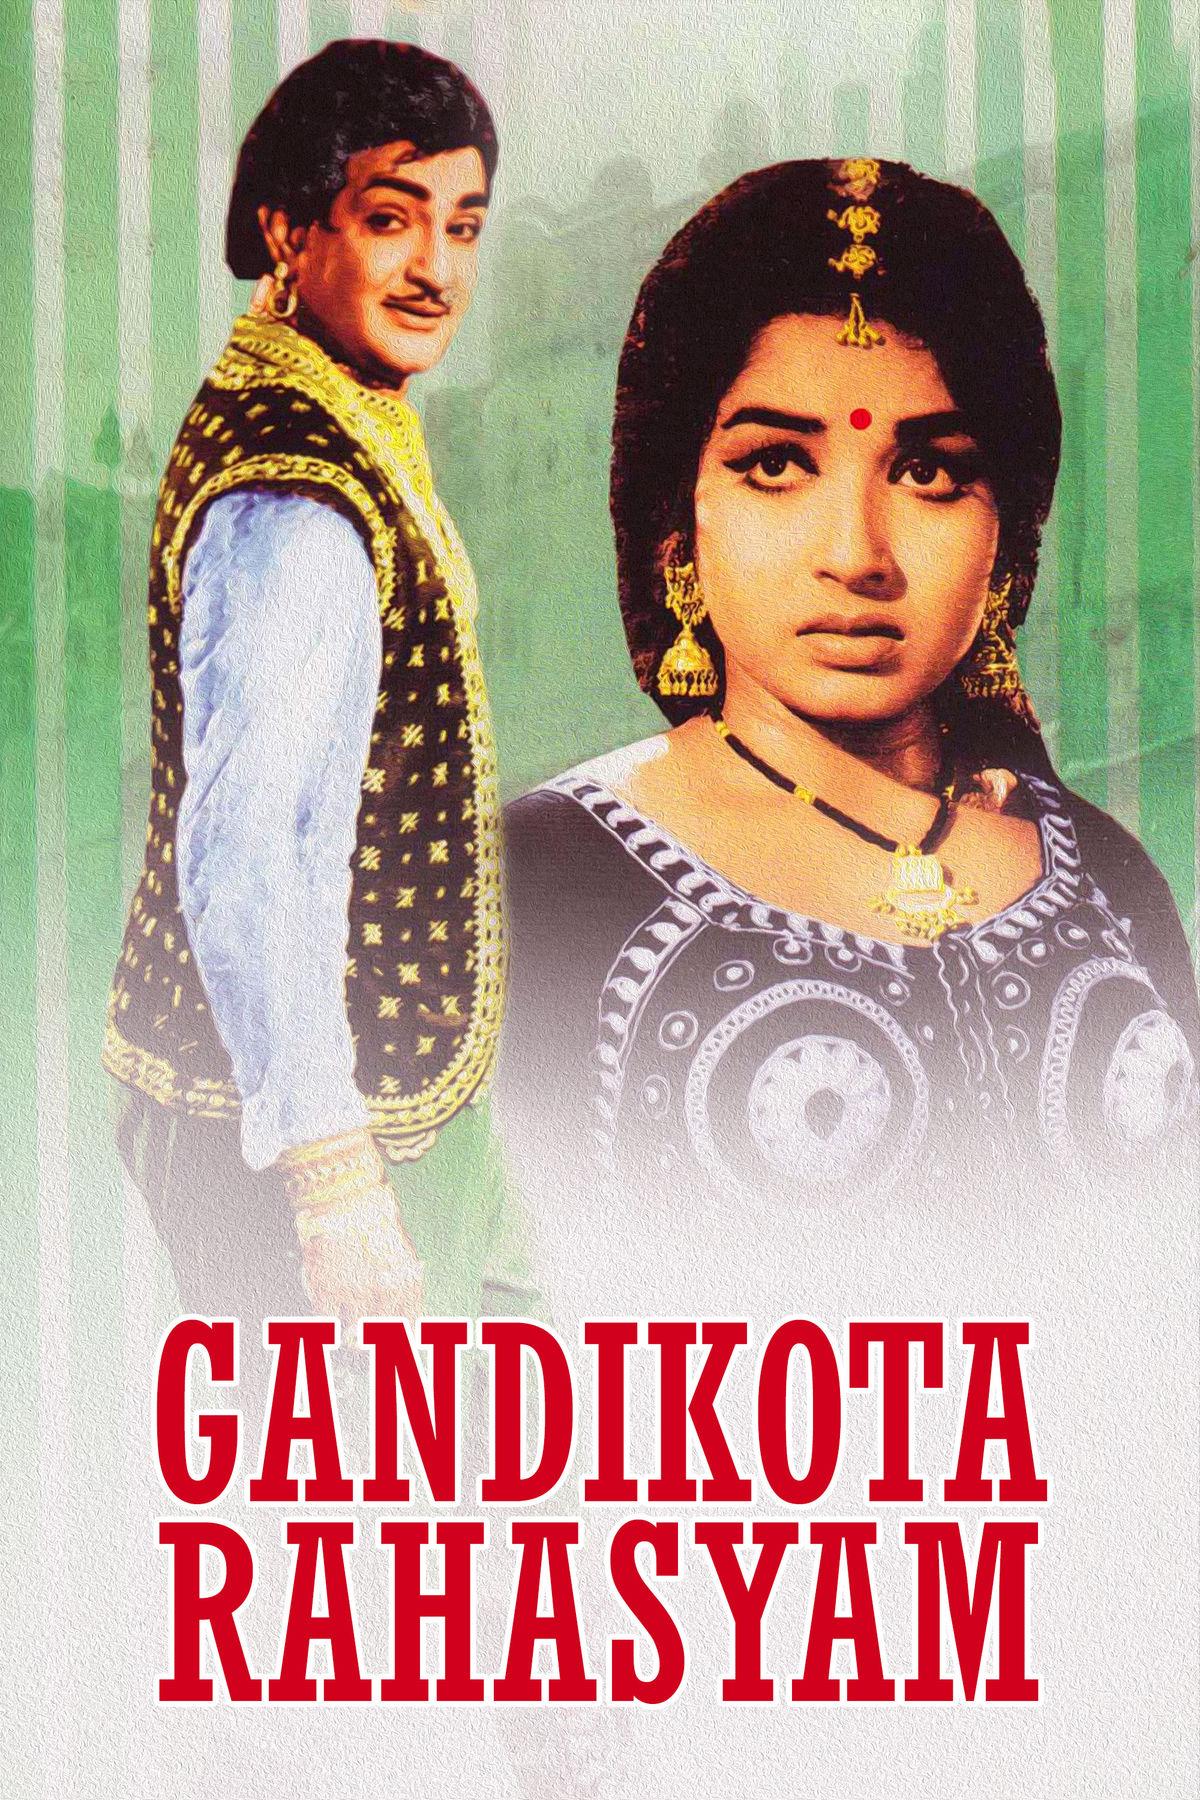 Gandikota Rahasyam